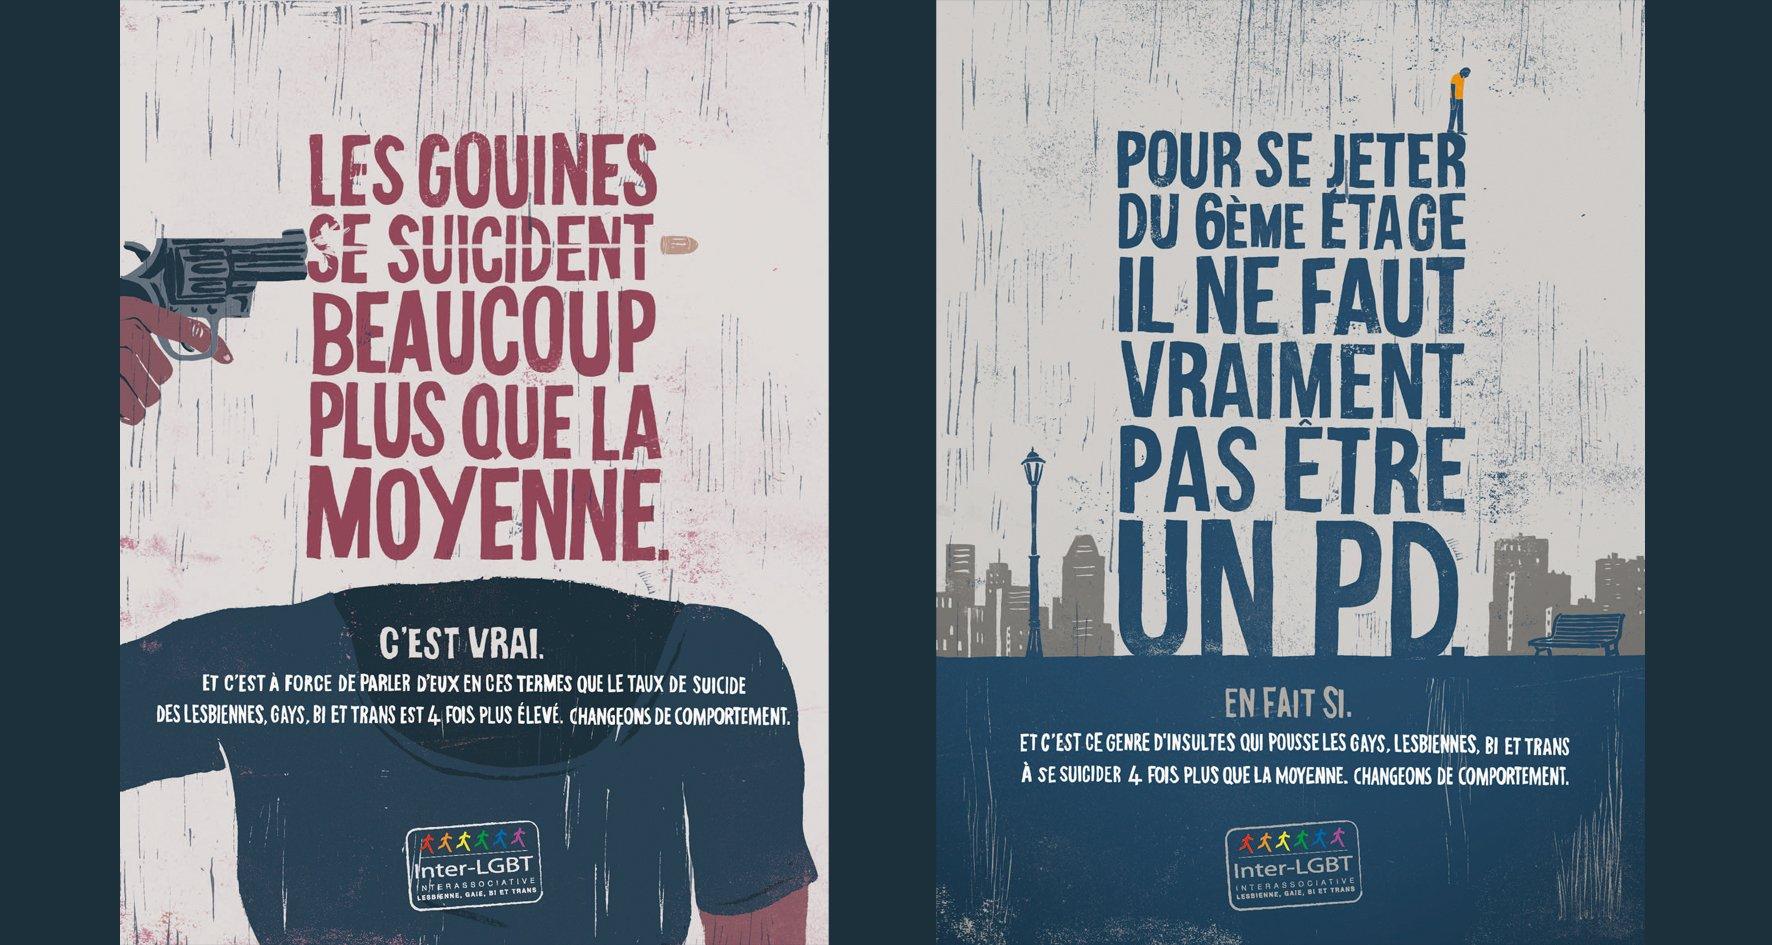 La campagne choc de l'Inter-LGBT contre le suicide